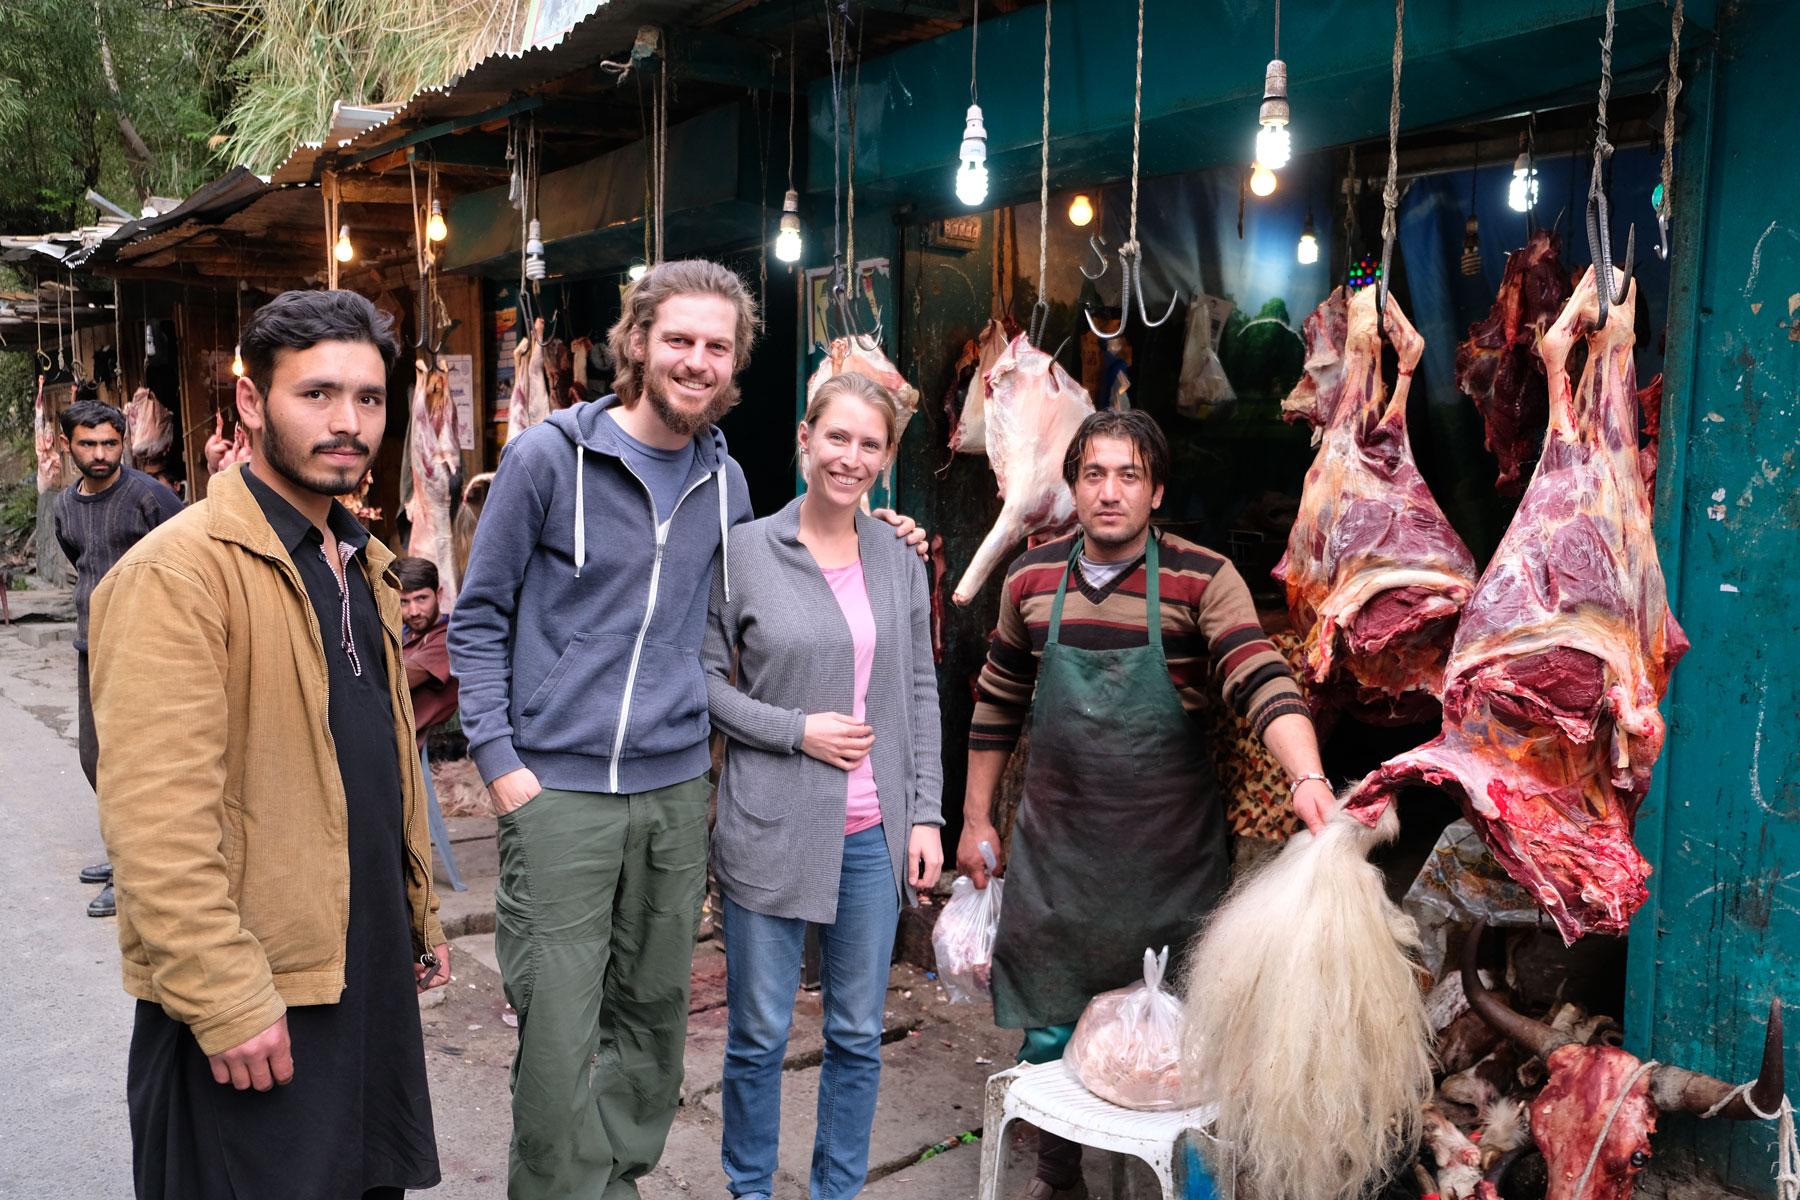 Sebastian und Leo stehen neben zwei Männern an einem Fleischstand, an dem Yakfleisch verkauft wird.